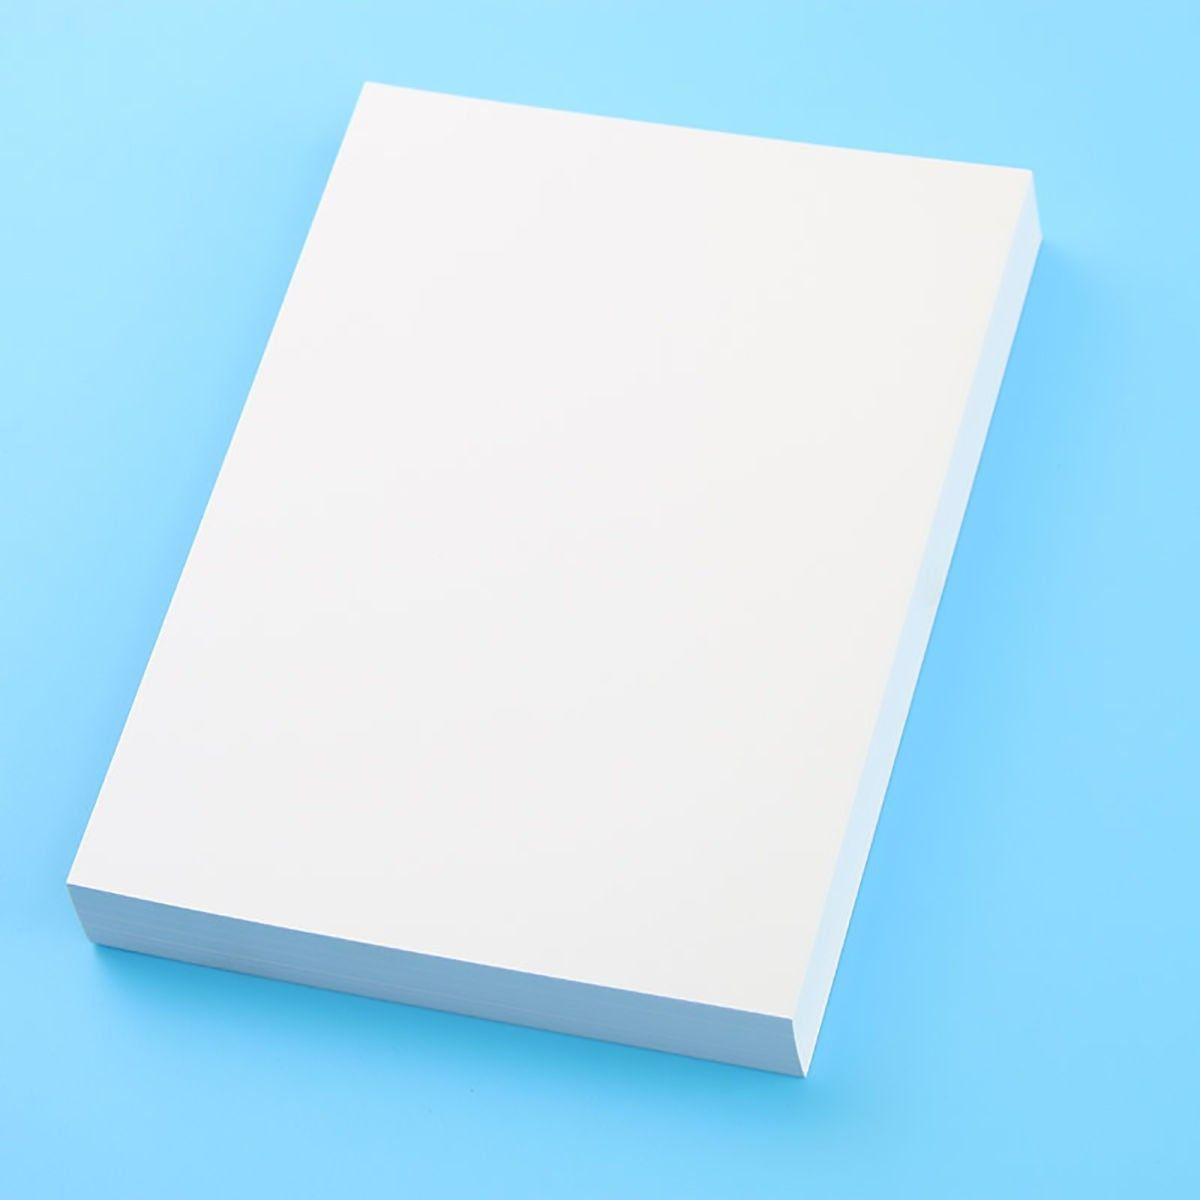 Papel Fotográfico 10x15 cm 265g Glossy Branco Brilhante Resistente à Água / 100 folhas